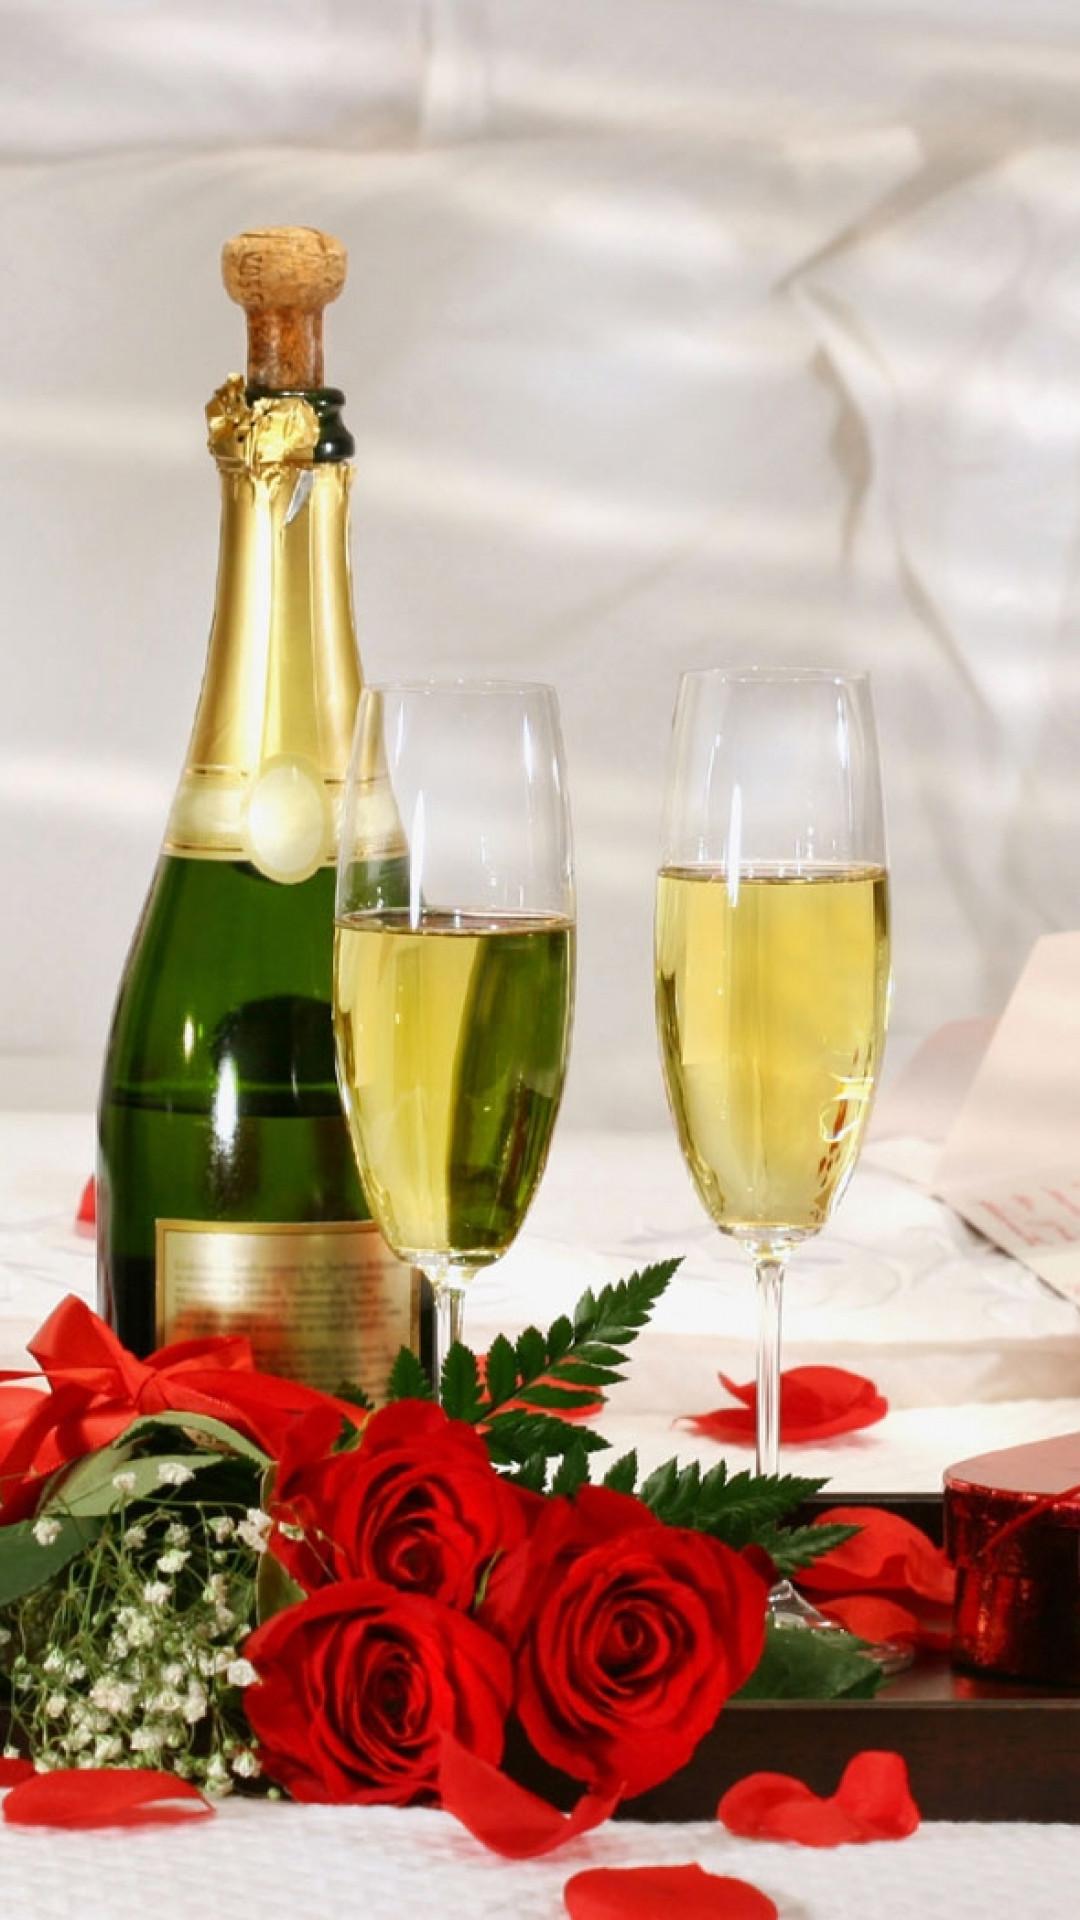 Гифки открытки шампанского